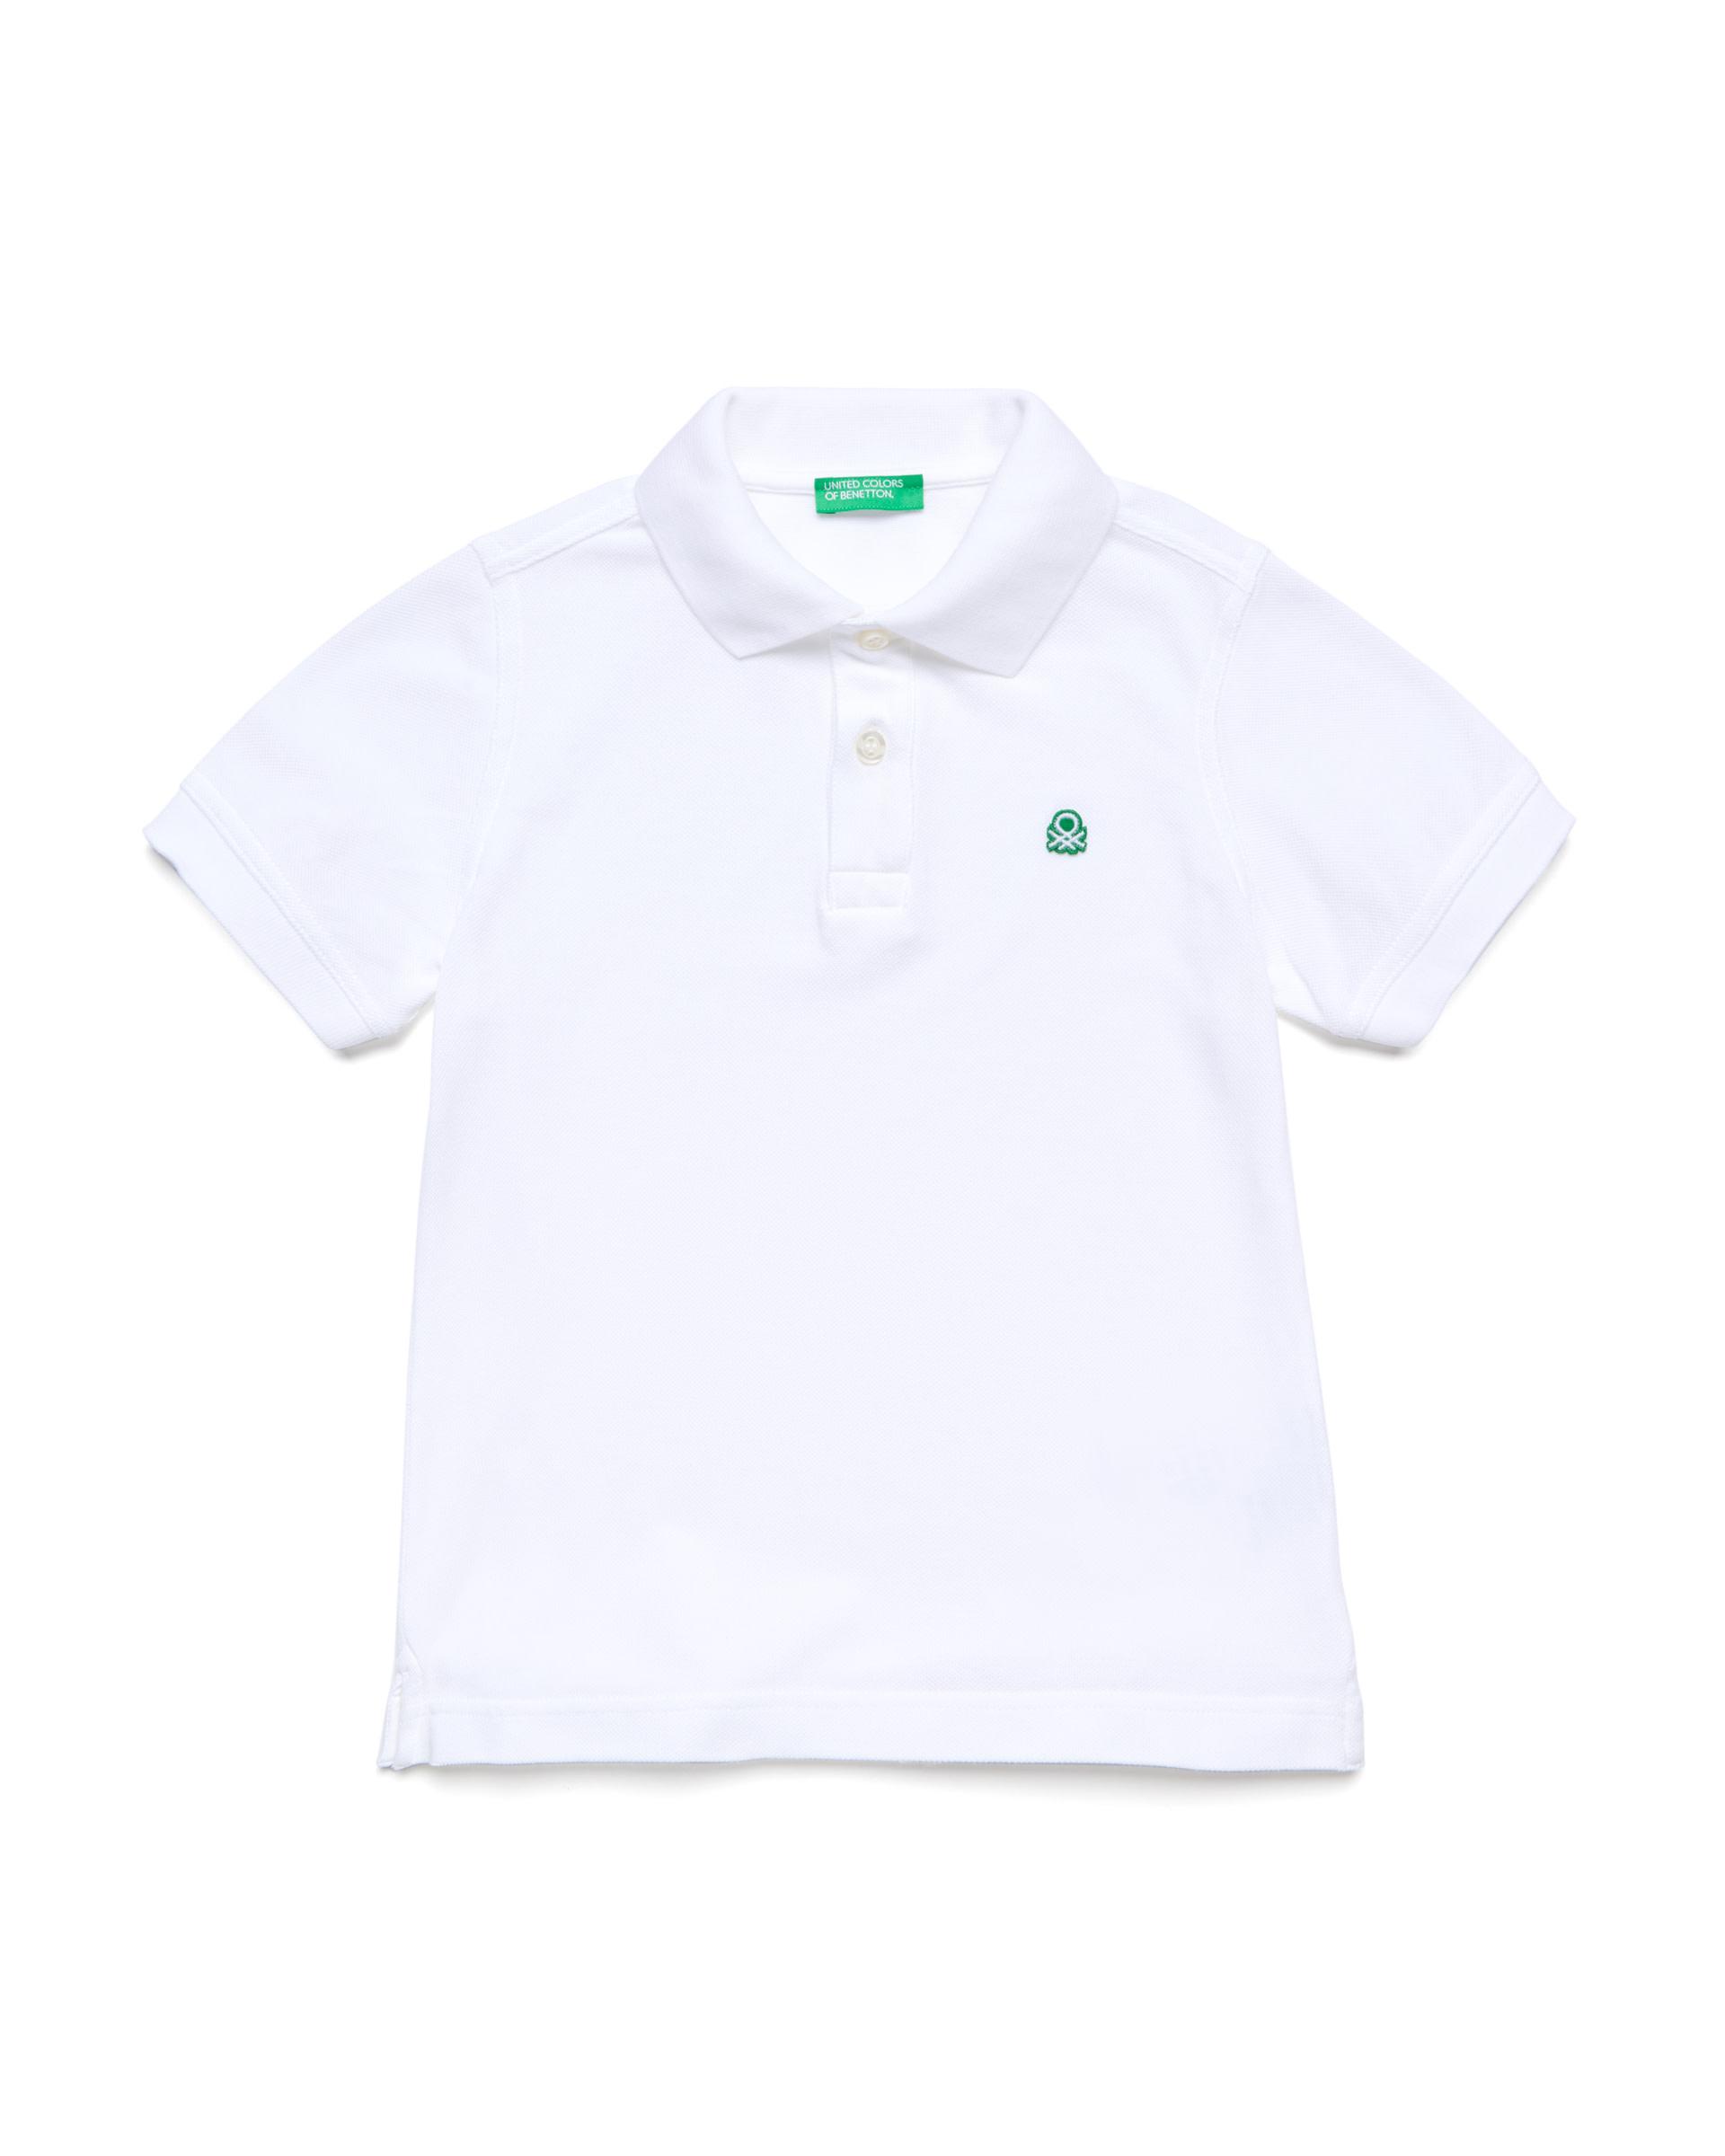 Купить CCC_3089C3091_101, Поло-пике для мальчиков Benetton 3089C3091_101 р-р 92, United Colors of Benetton, Кофточки, футболки для новорожденных